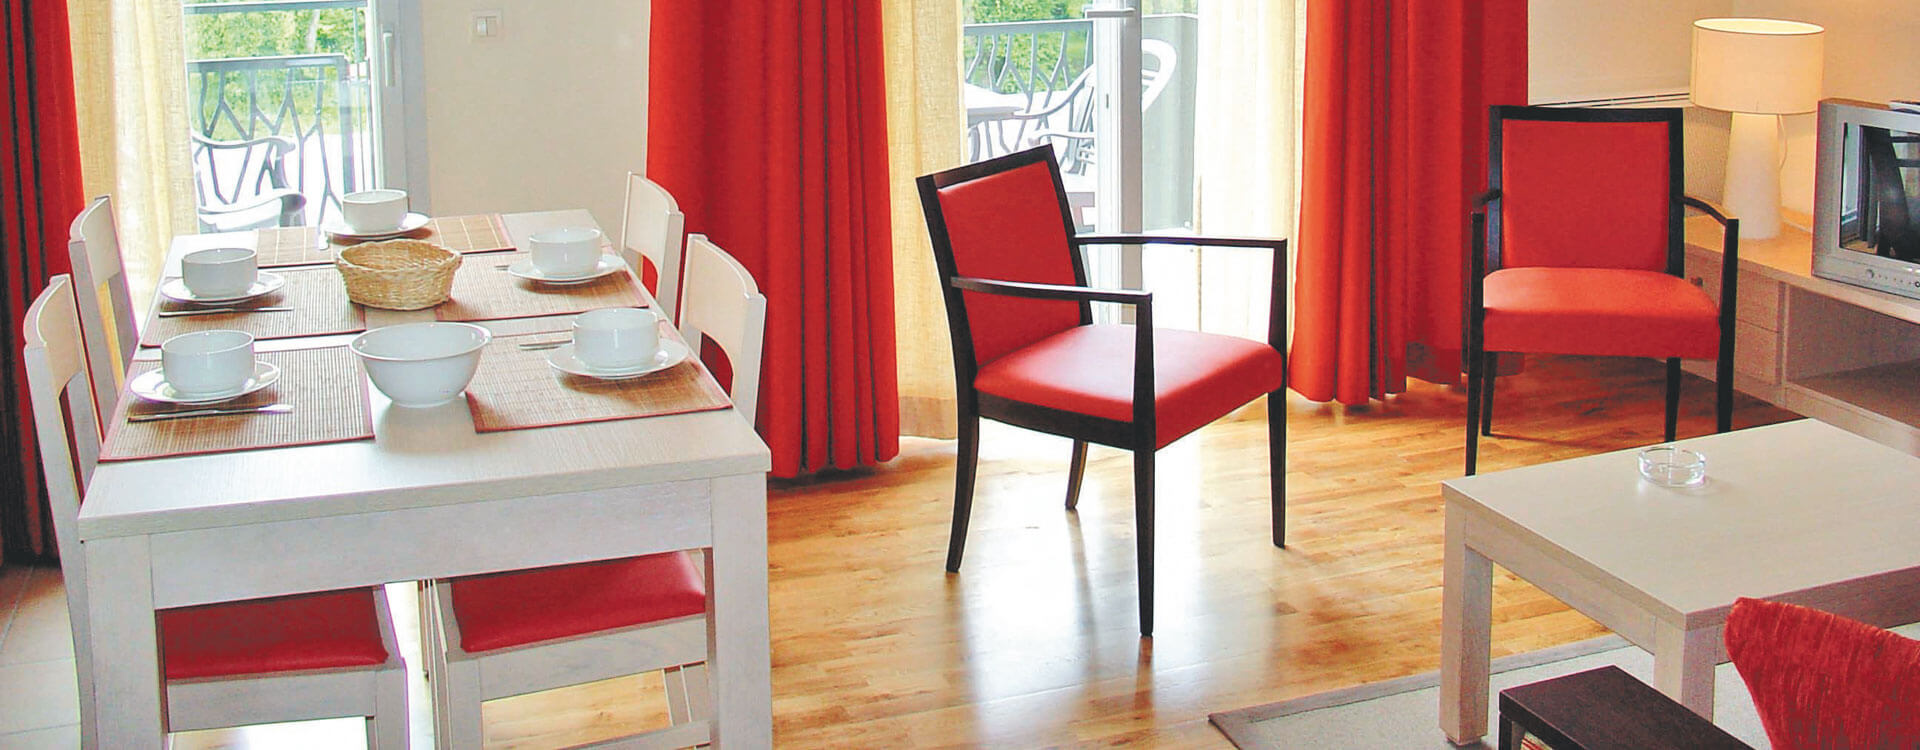 Appartement 2 pièces - Hôtel et résidence La Villa du Lac à Divonne